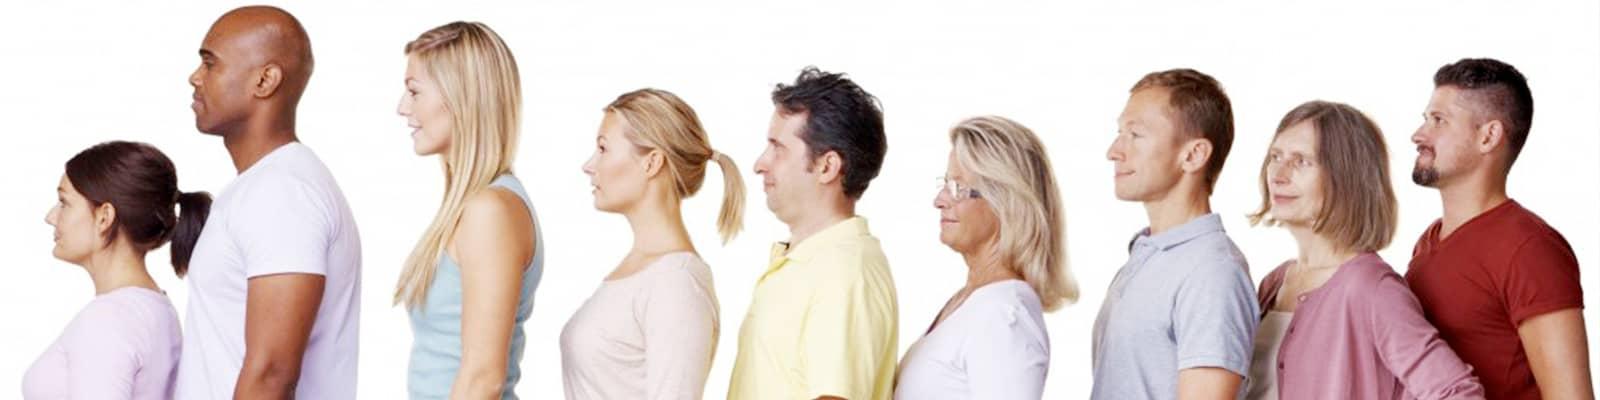 Postura corporal - Bases para comprenderla y ejercicios